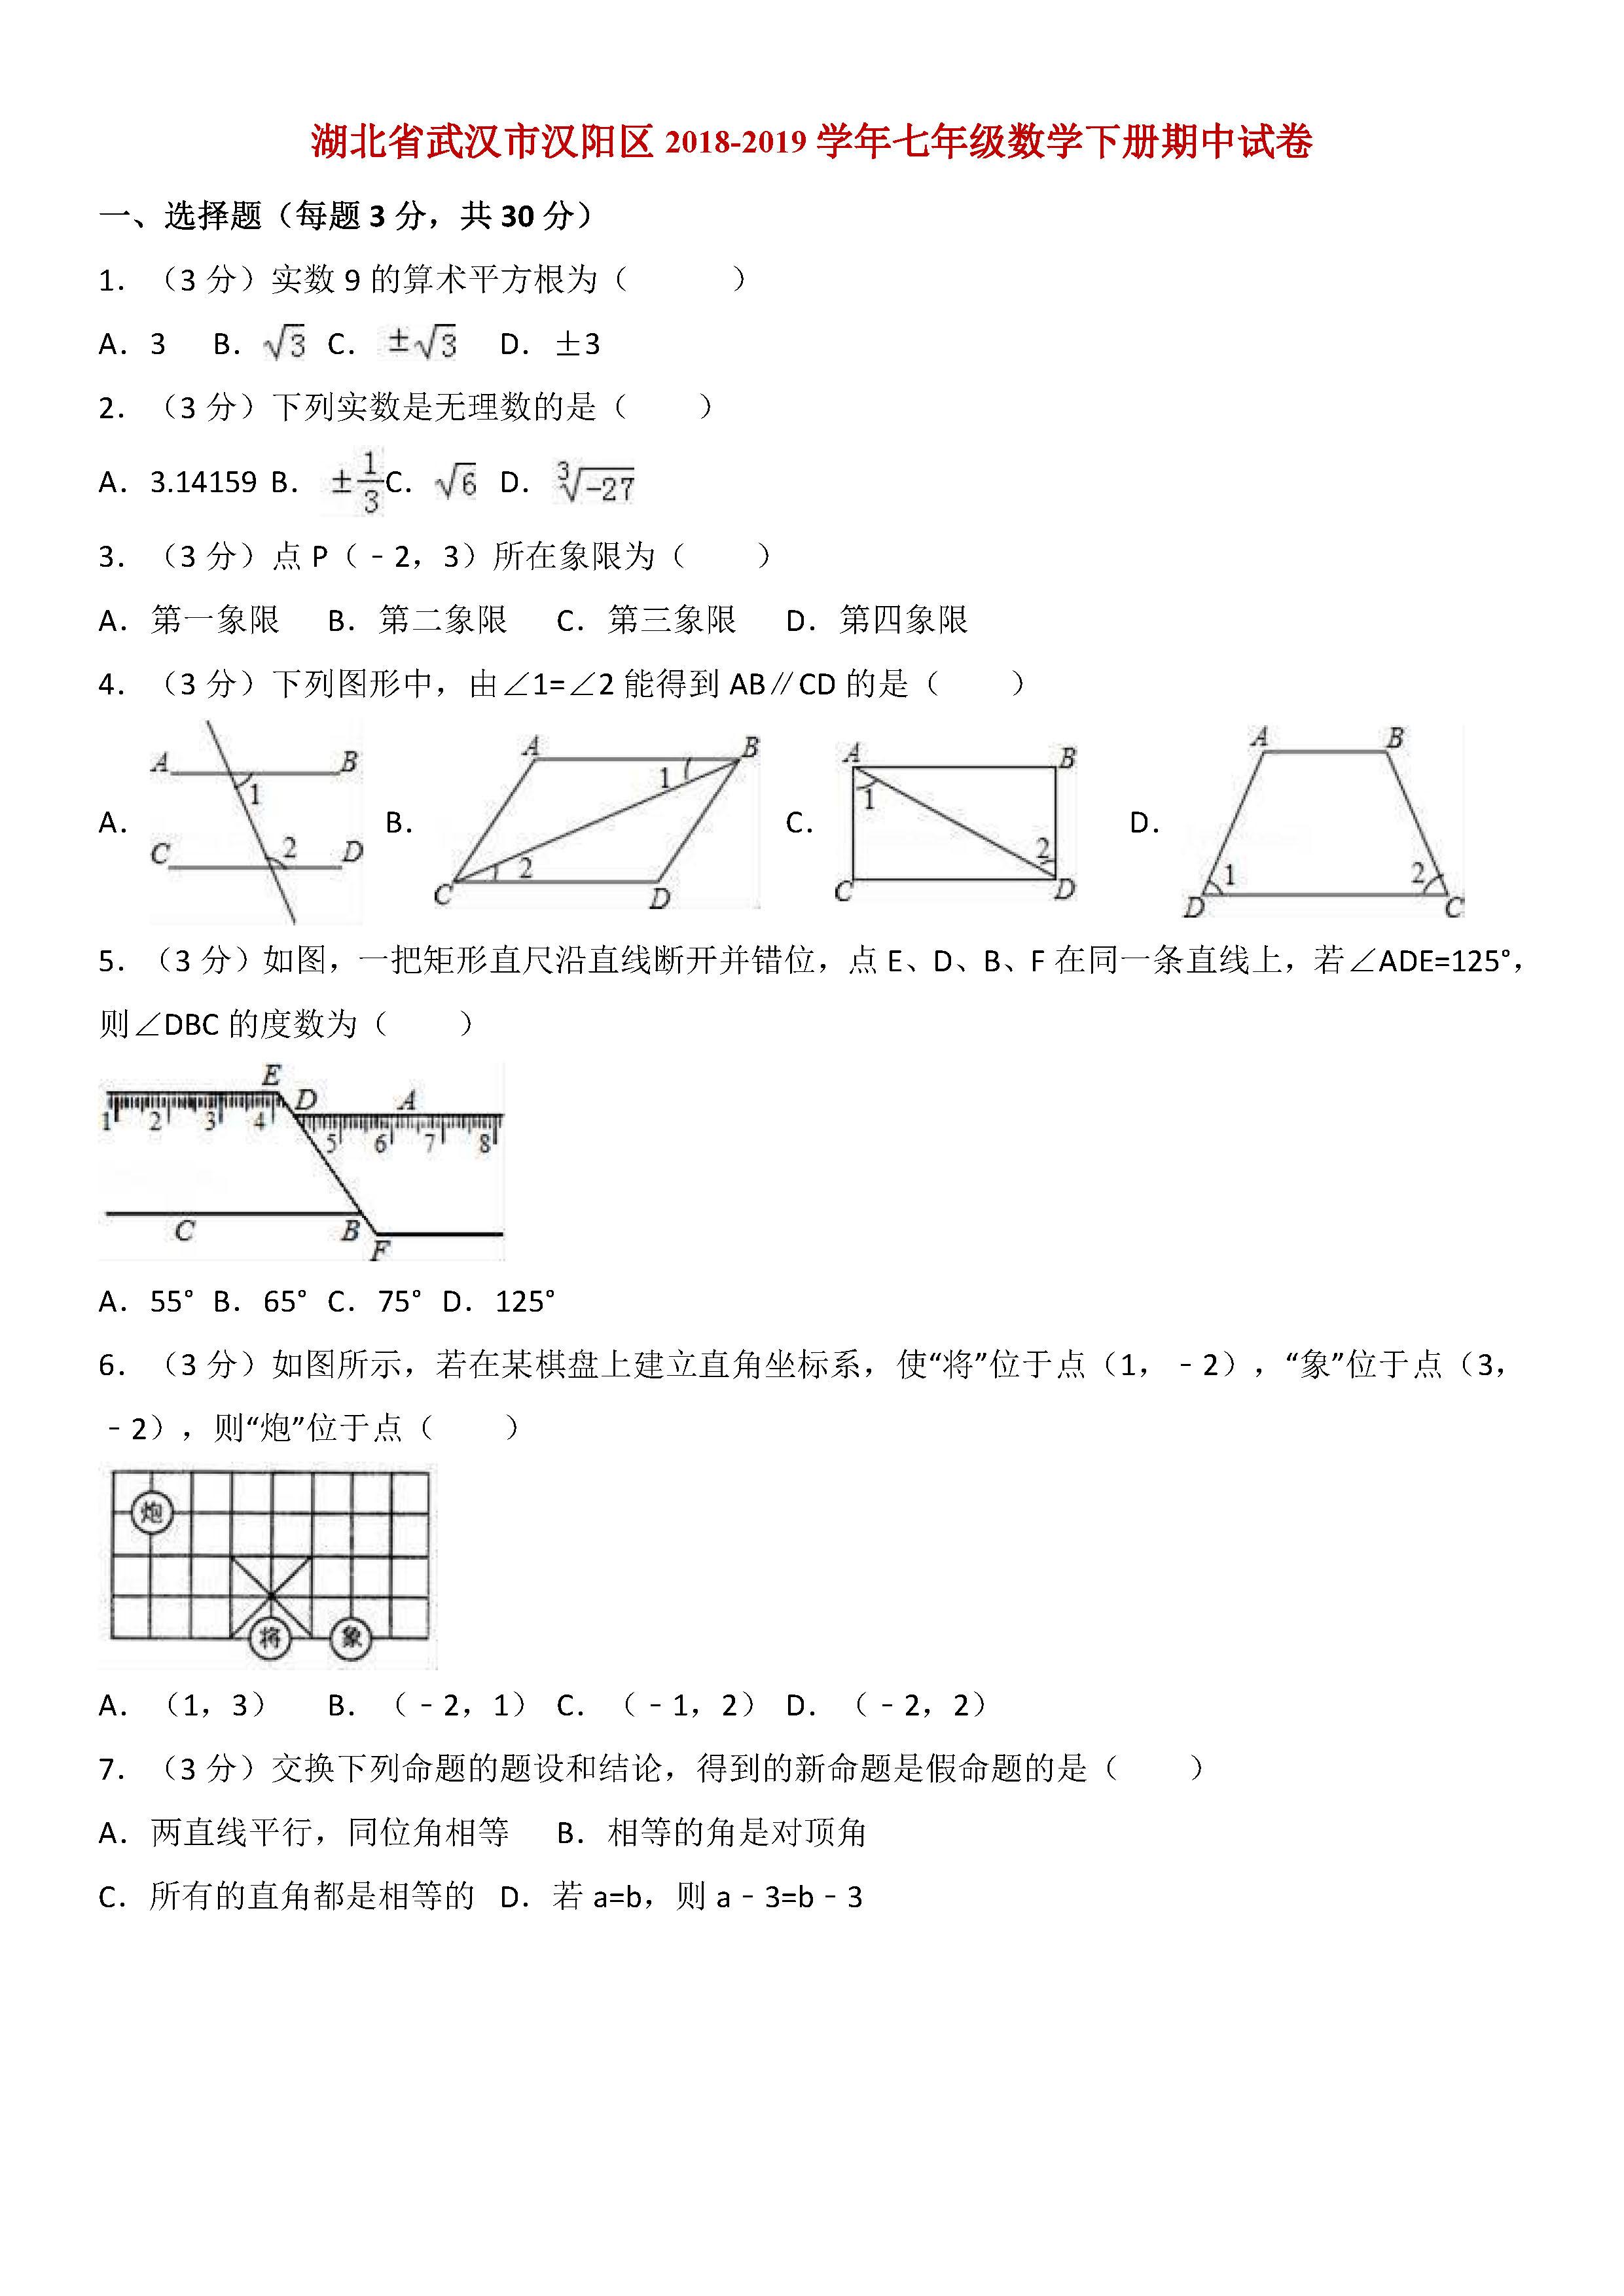 武汉市汉阳区2018-2019七年级数学下册期中测试题含解析